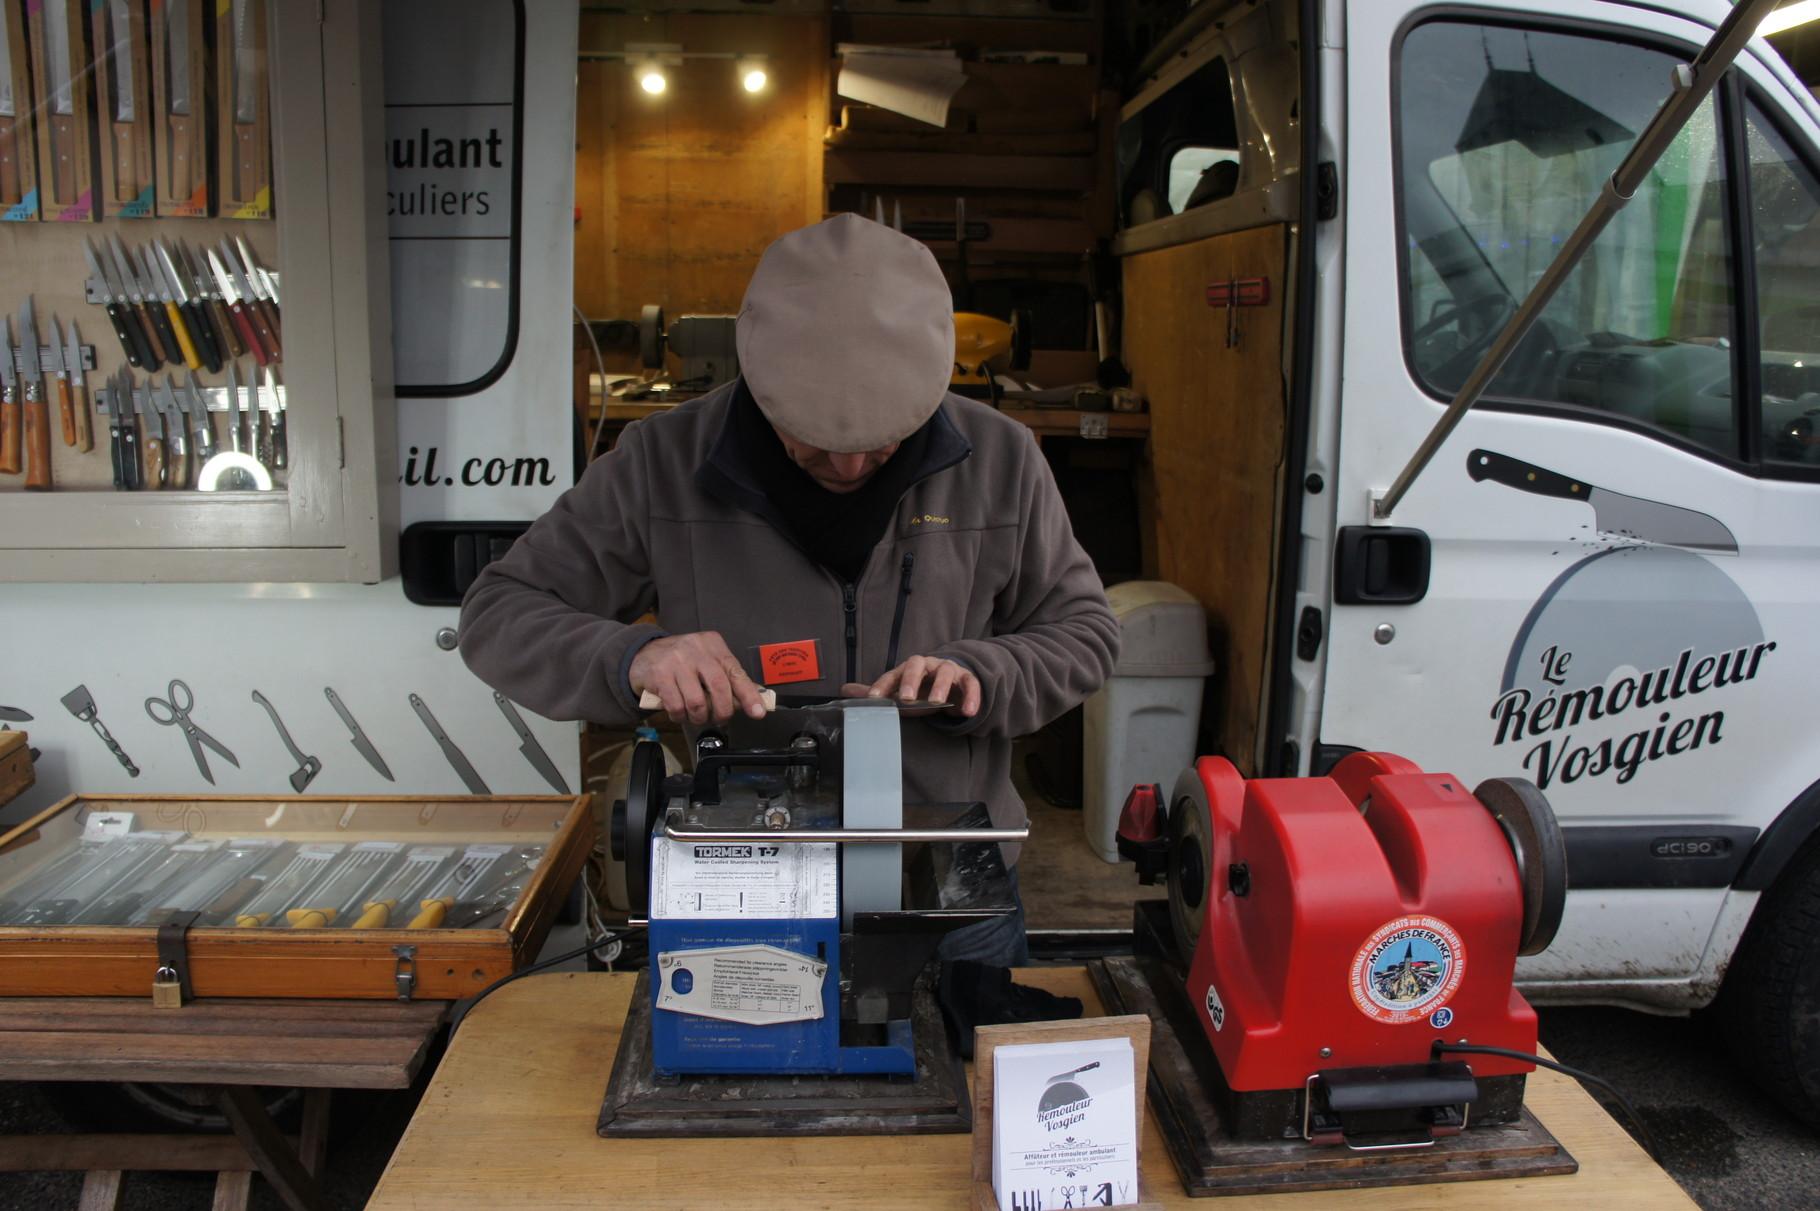 Le Rémouleur Vosgien présent chaque vendredi sur le marché de Château-Thierry